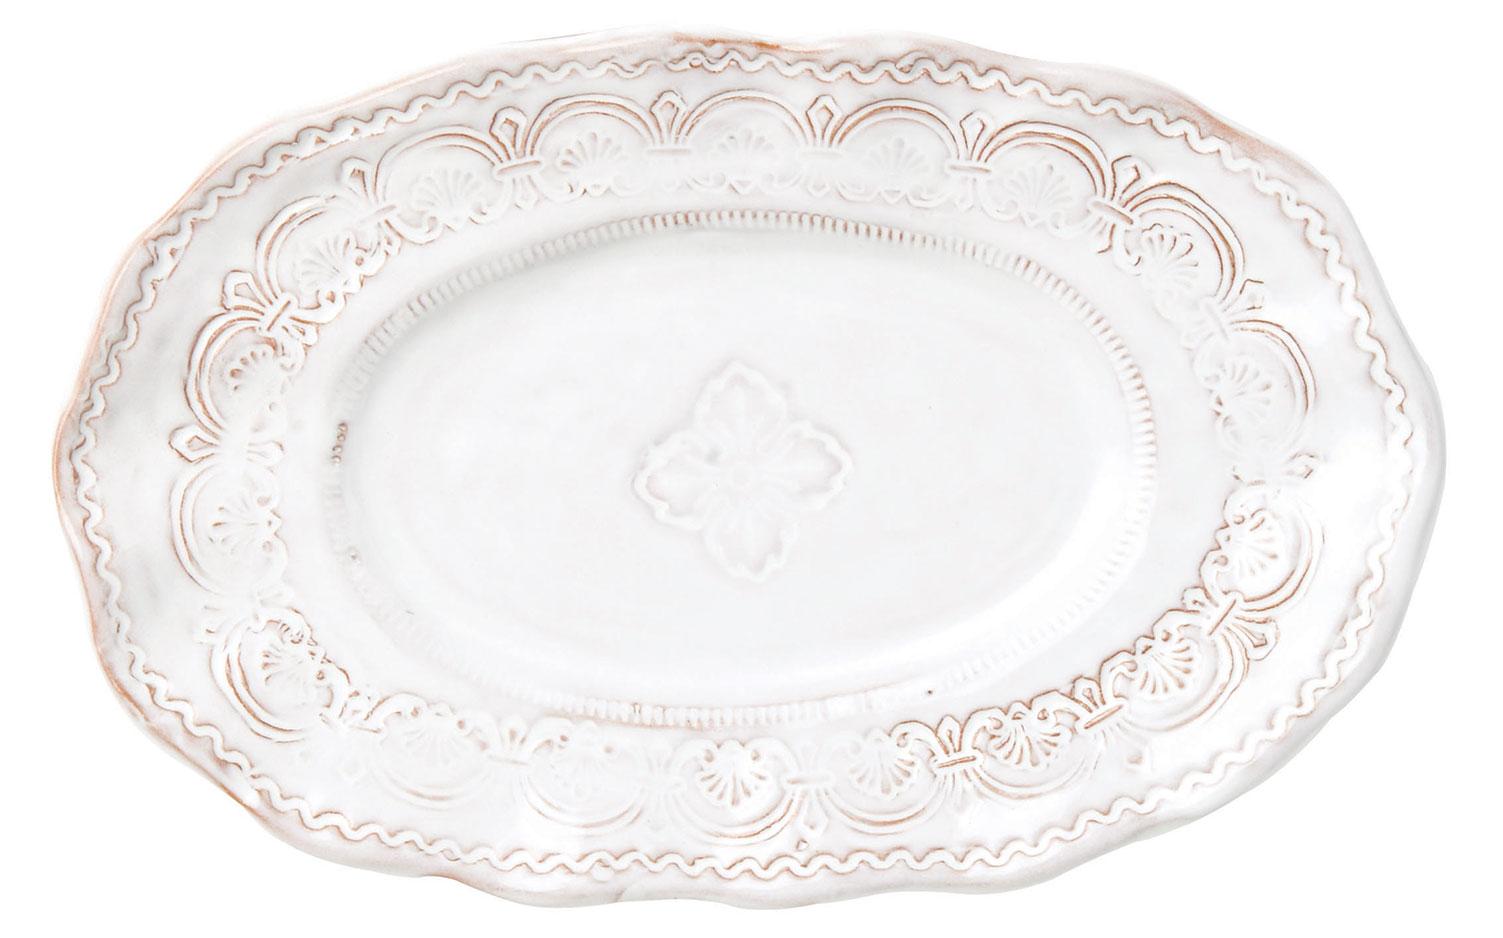 Vietri Bellezza White china